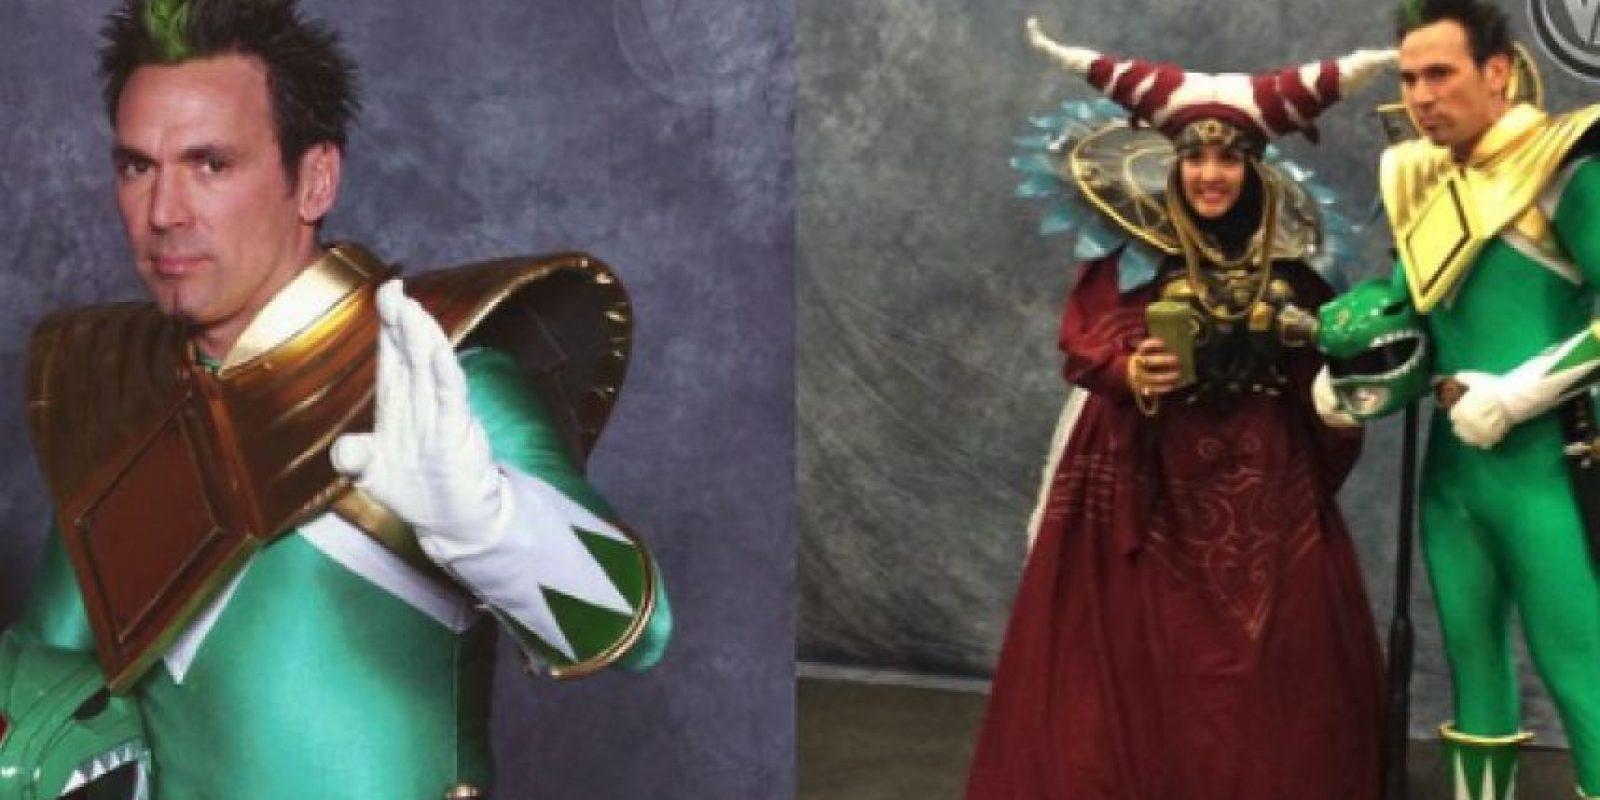 Frank es un actor y luchador de artes marciales mixtas. Actualmente promueve el personaje del Power Ranger verde en diversas convenciones. Foto:Instagram